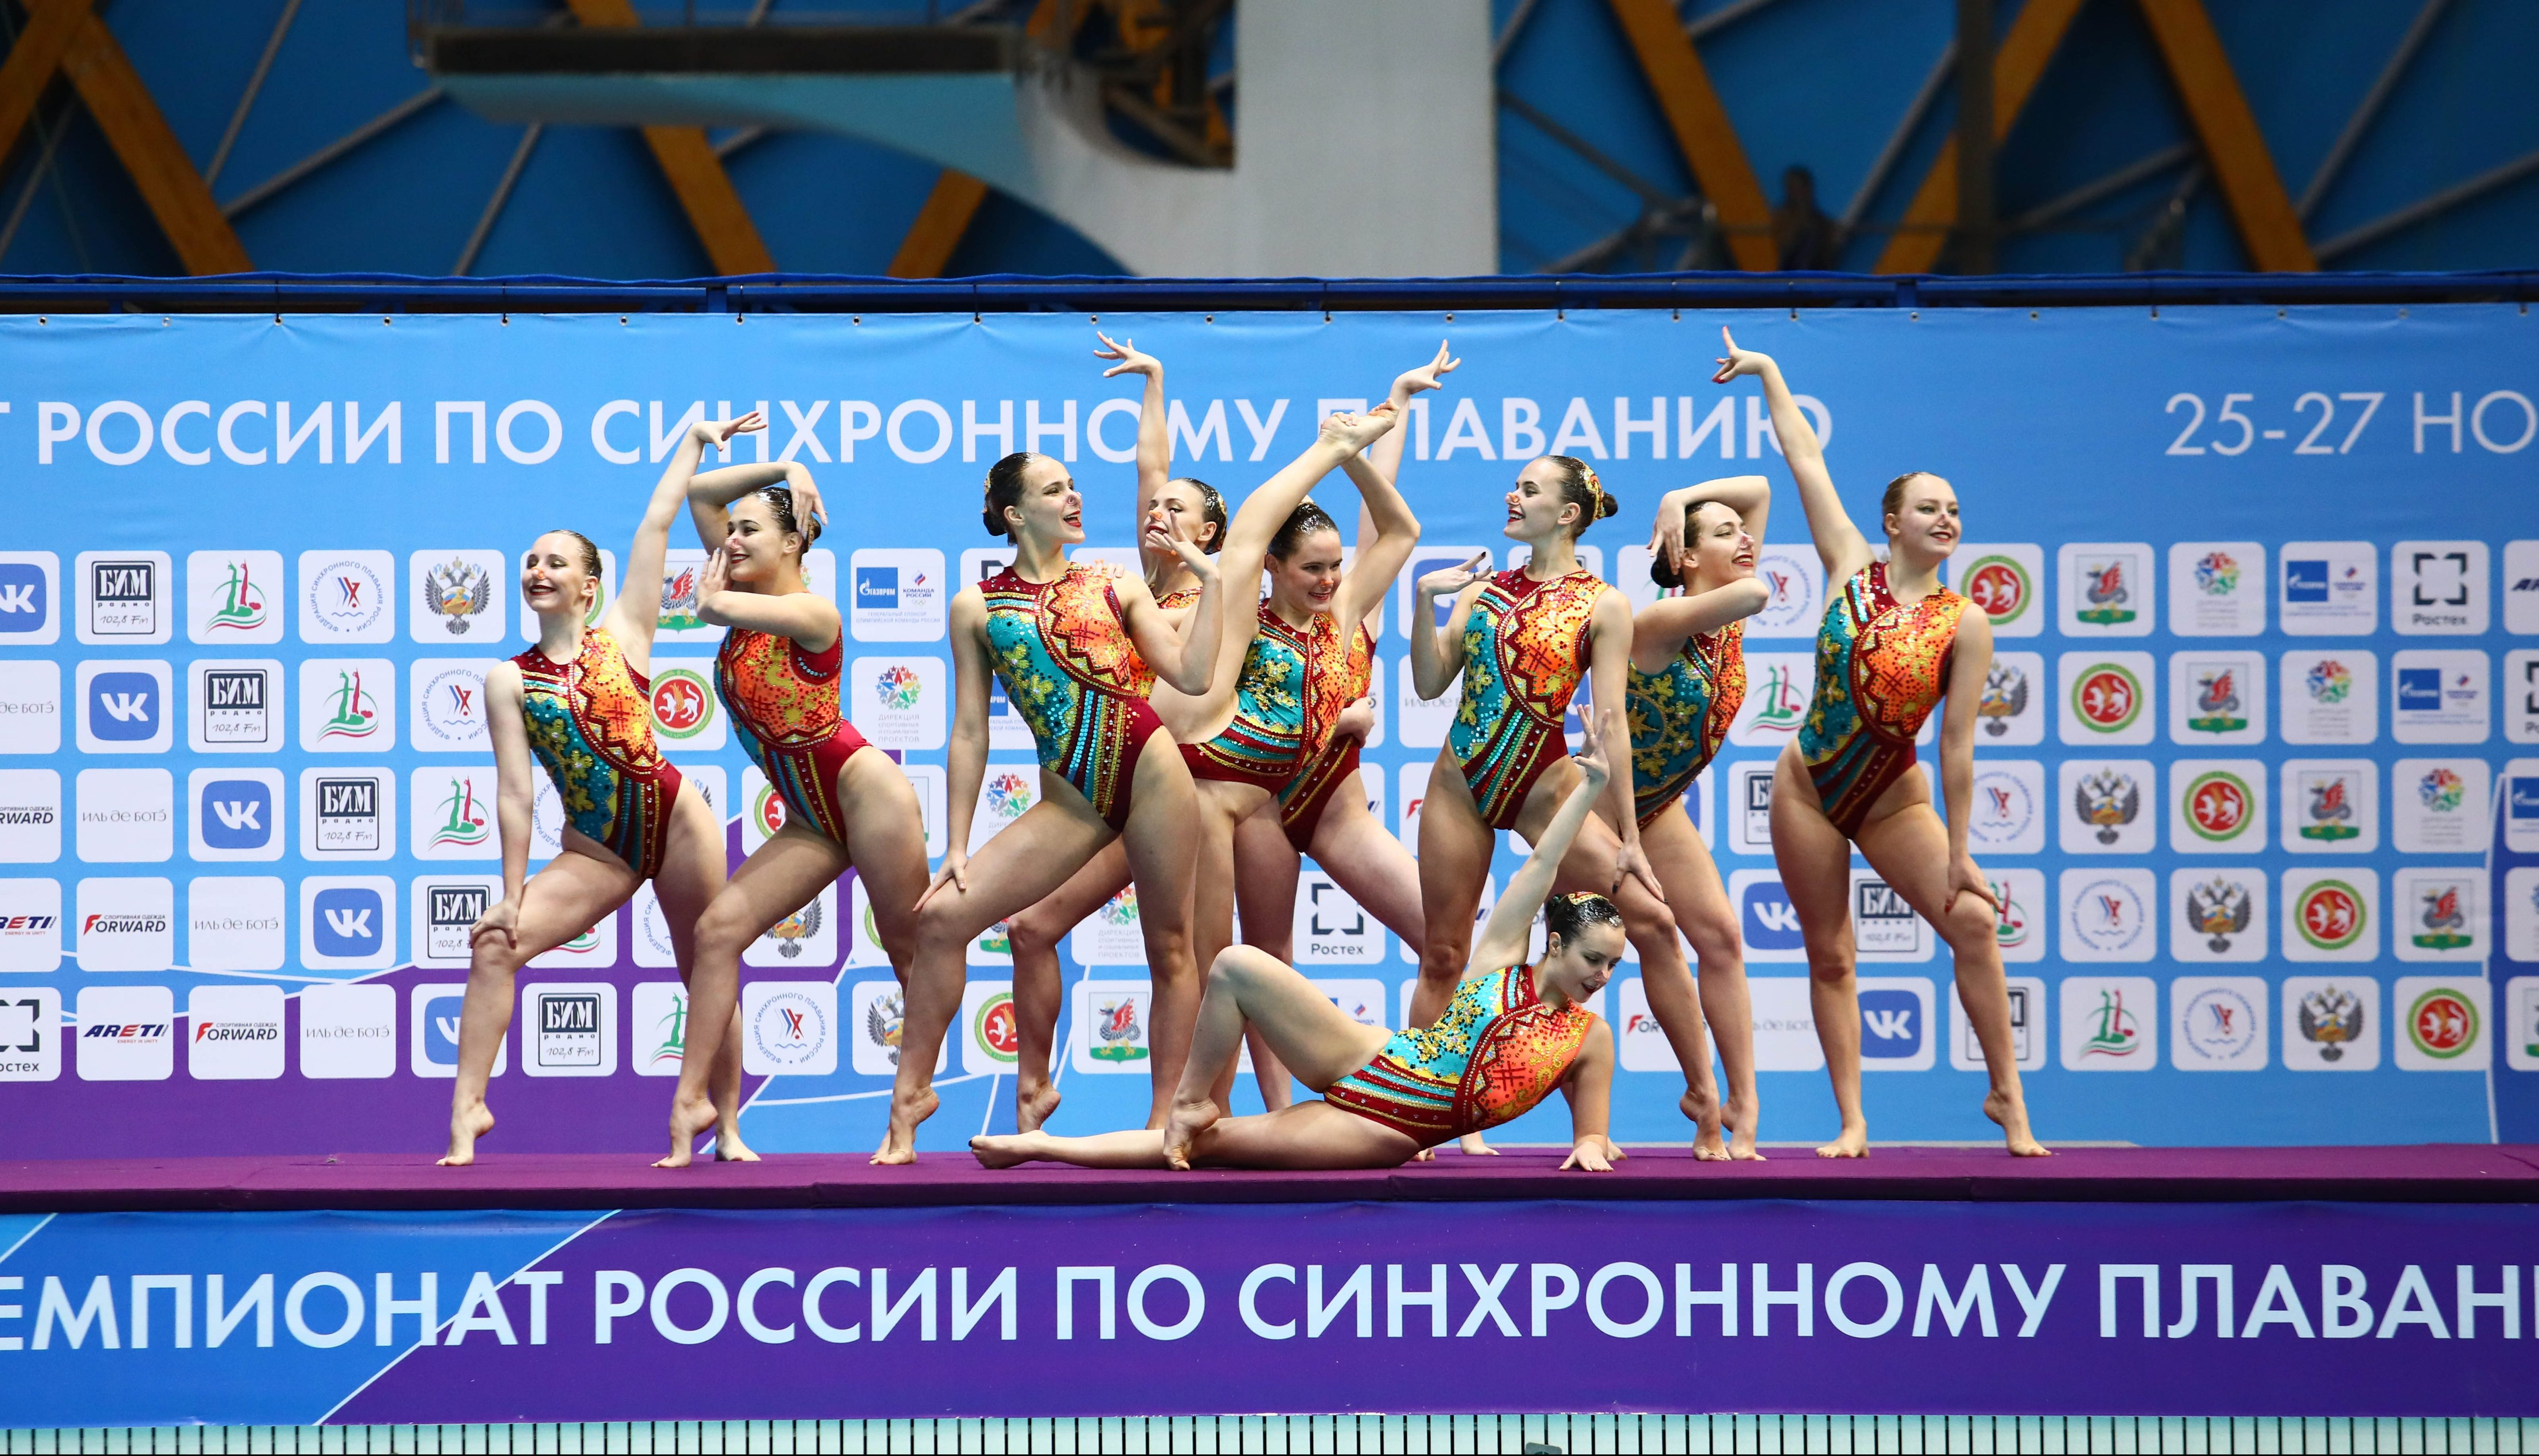 Акробатическая группа из Москвы выиграла в произвольной программе на чемпионате России